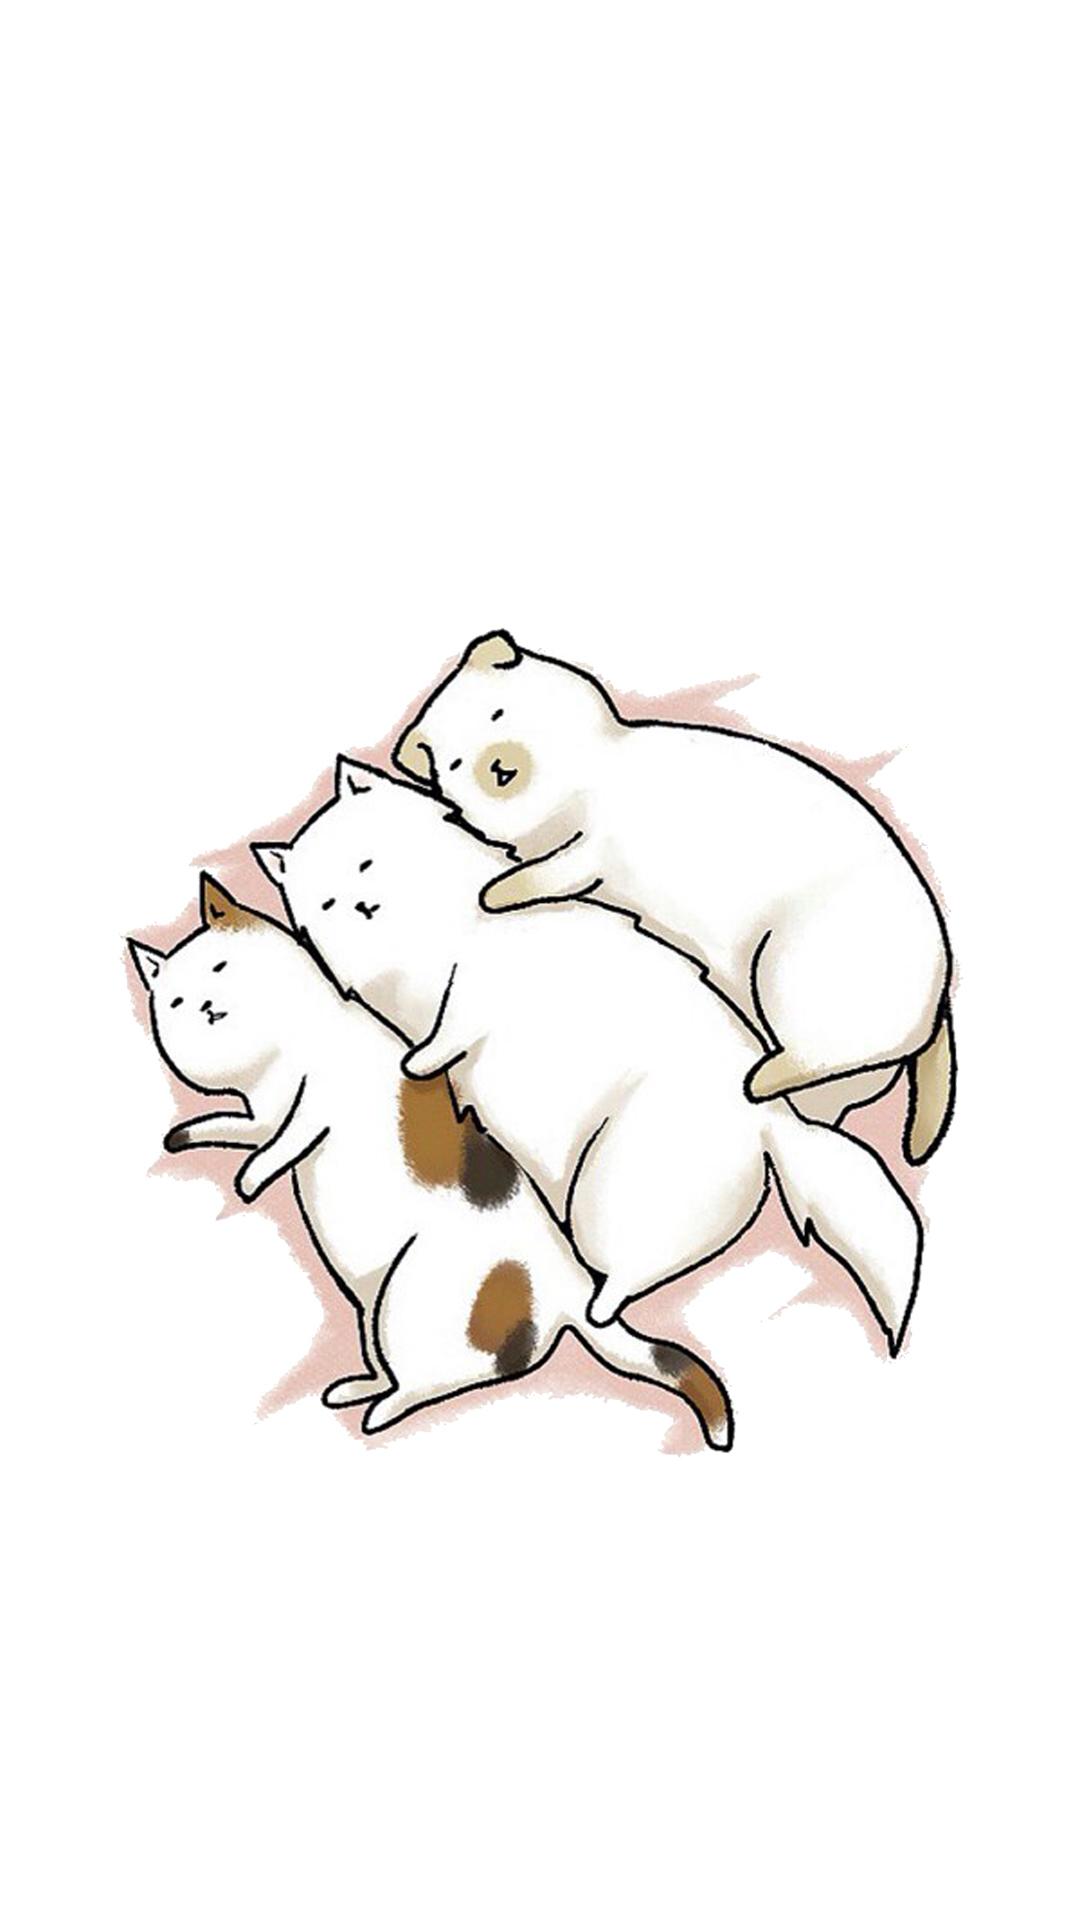 小猫 猫咪 手绘 动物 苹果手机高清壁纸 1080x1920